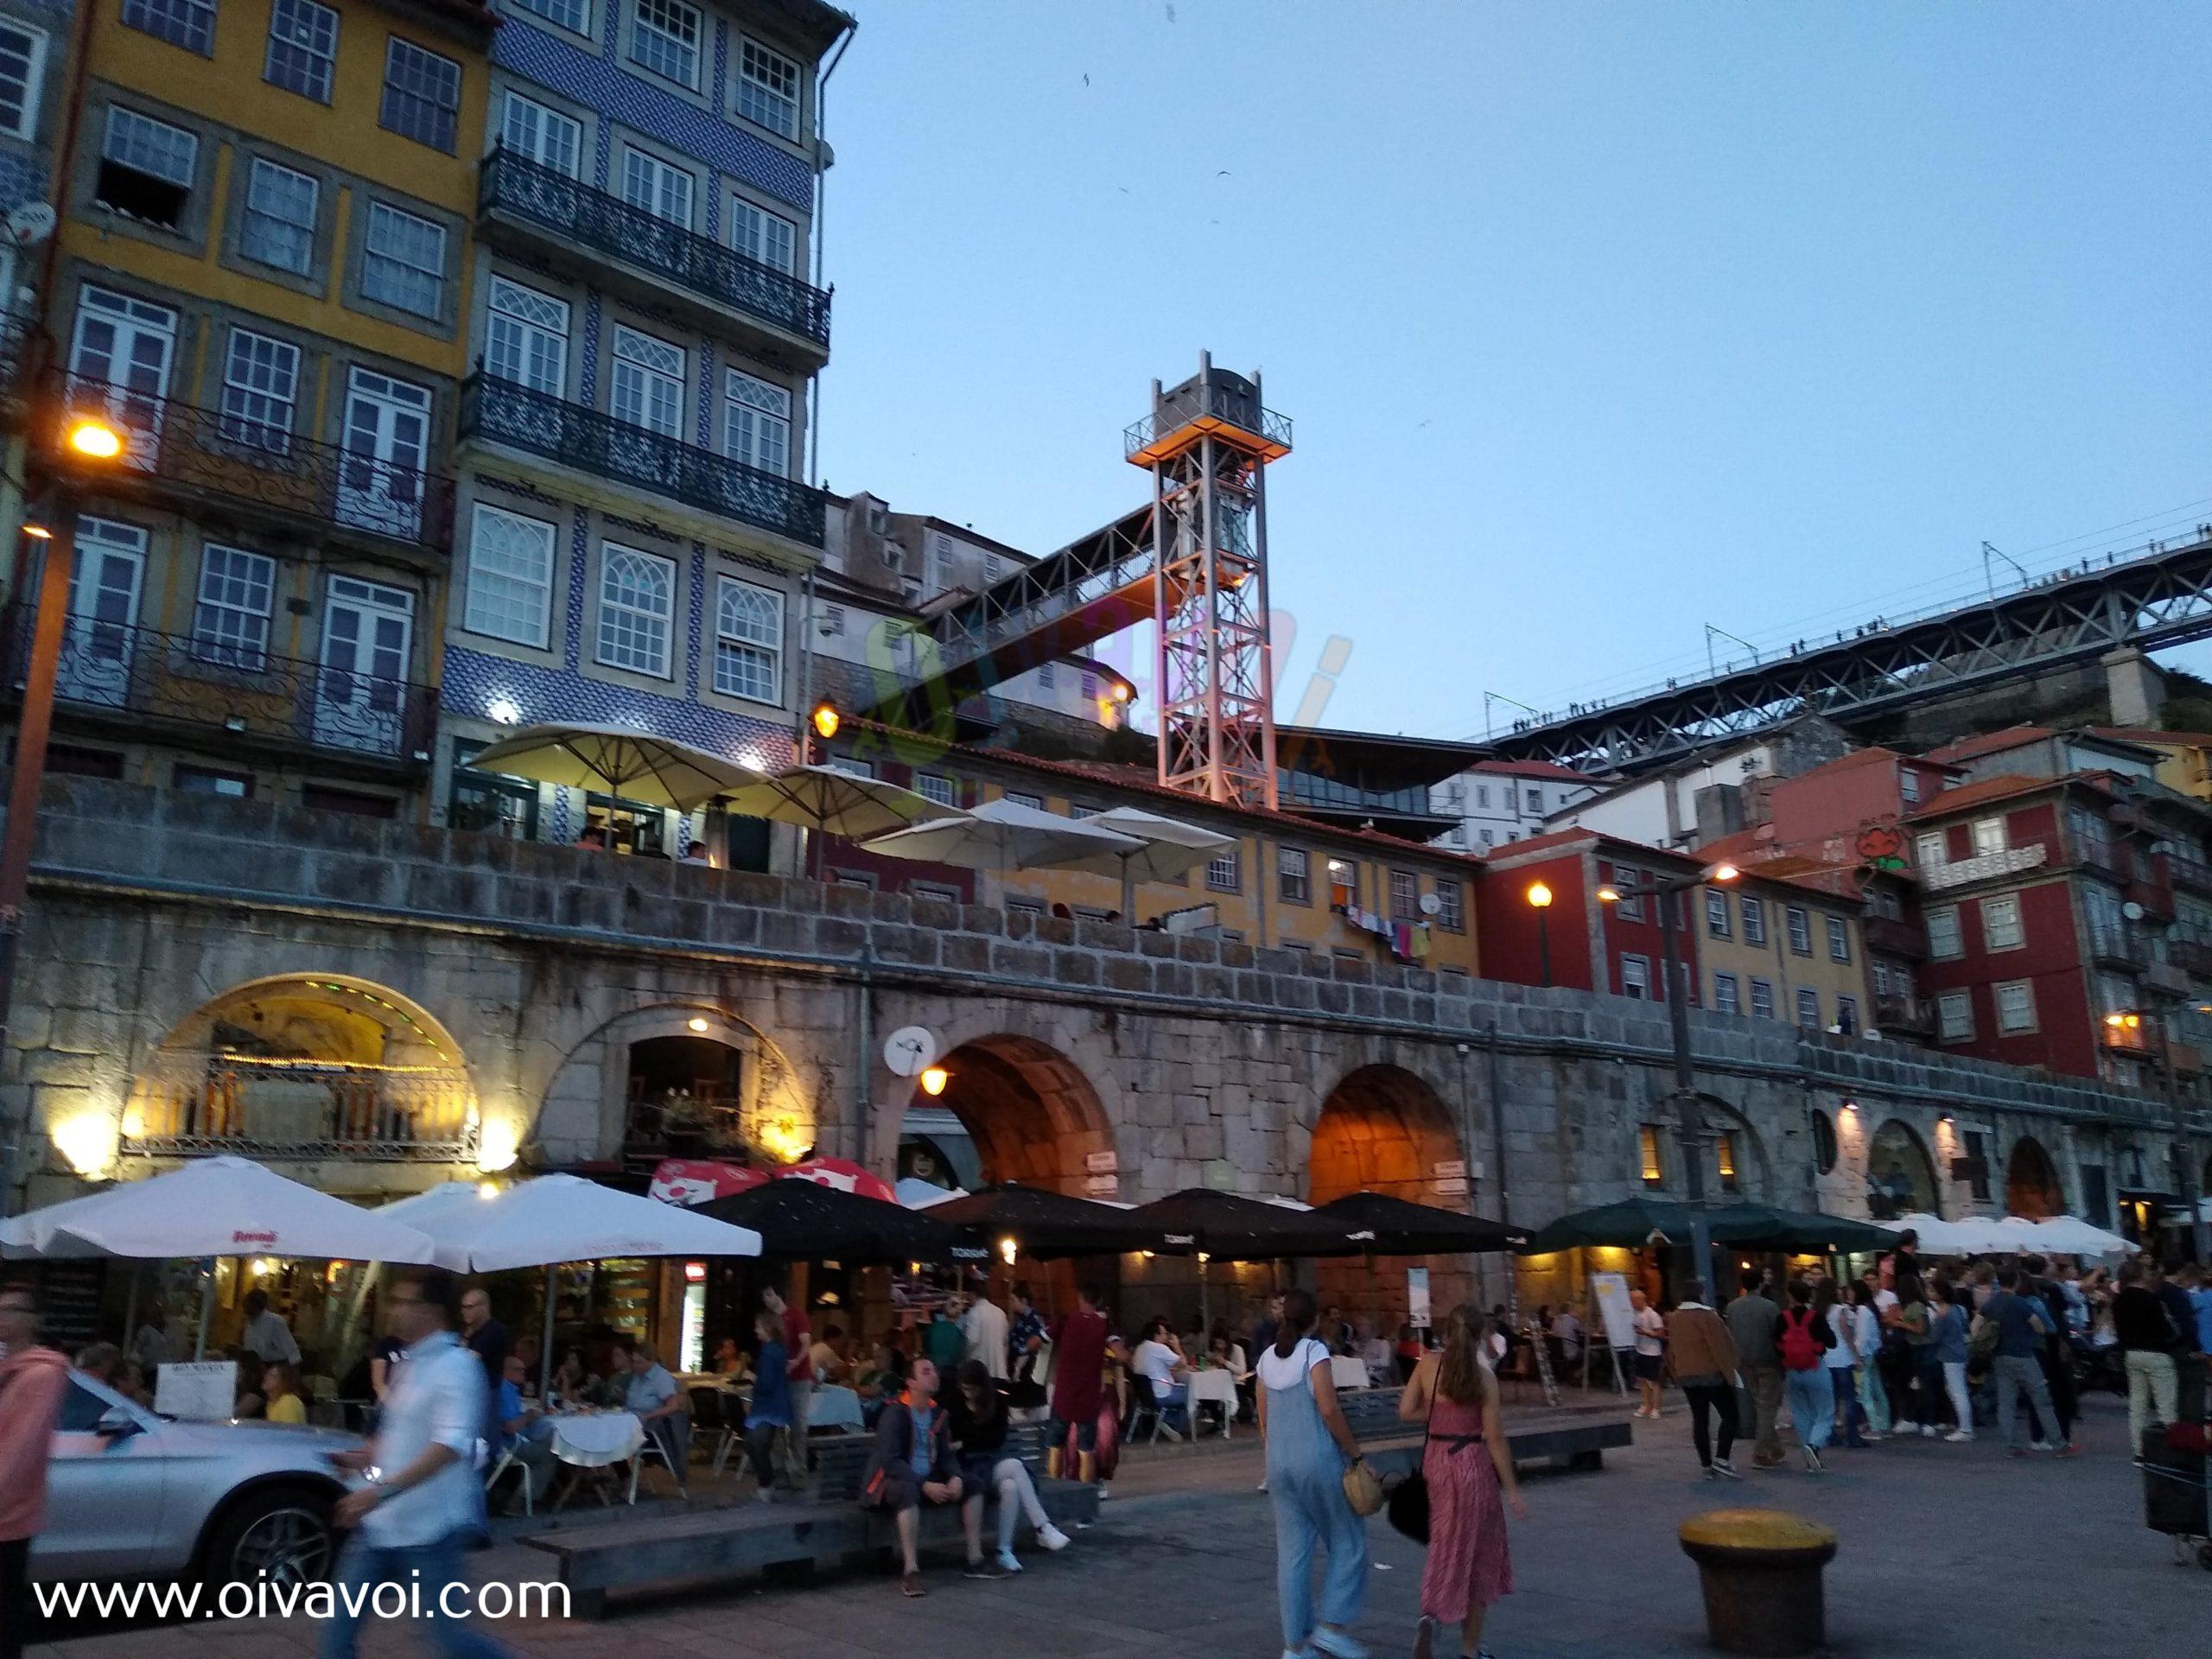 Cenar de noche en Oporto